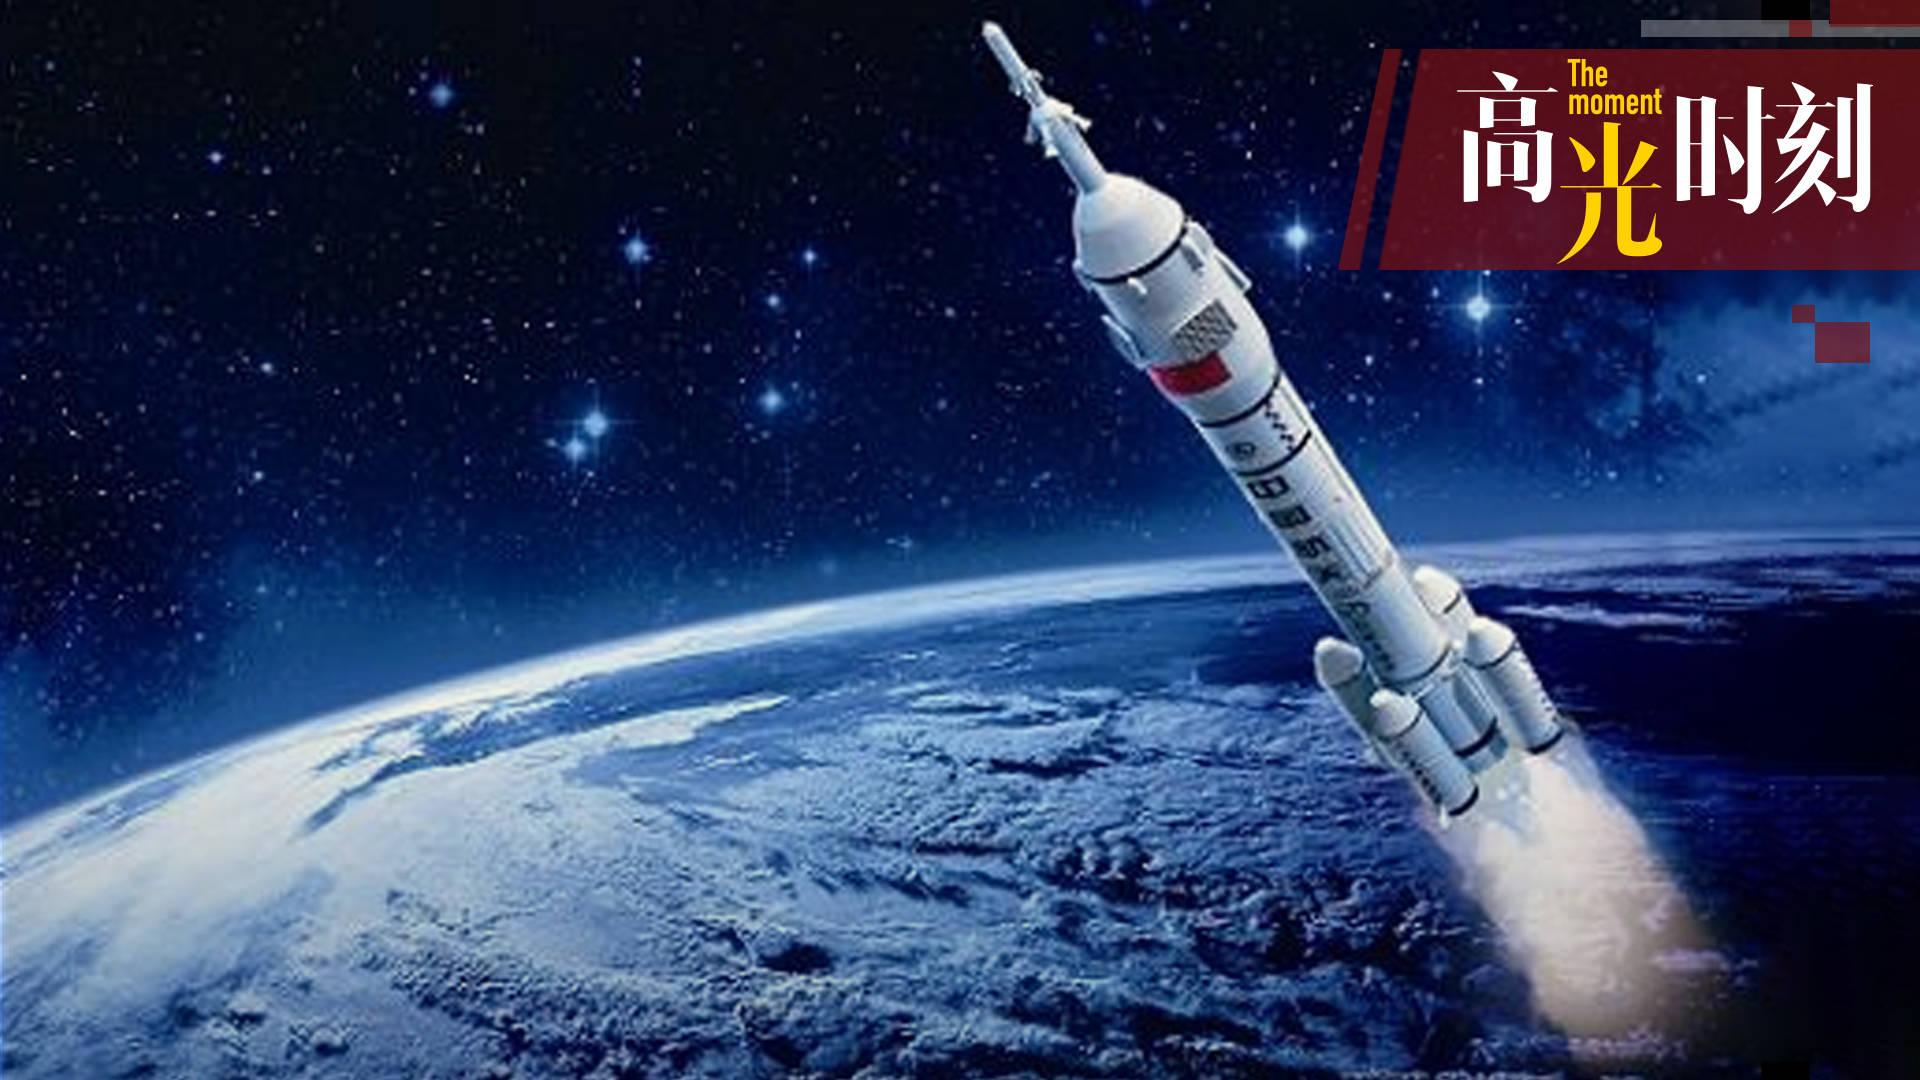 高光時刻:中國進入太空第一人